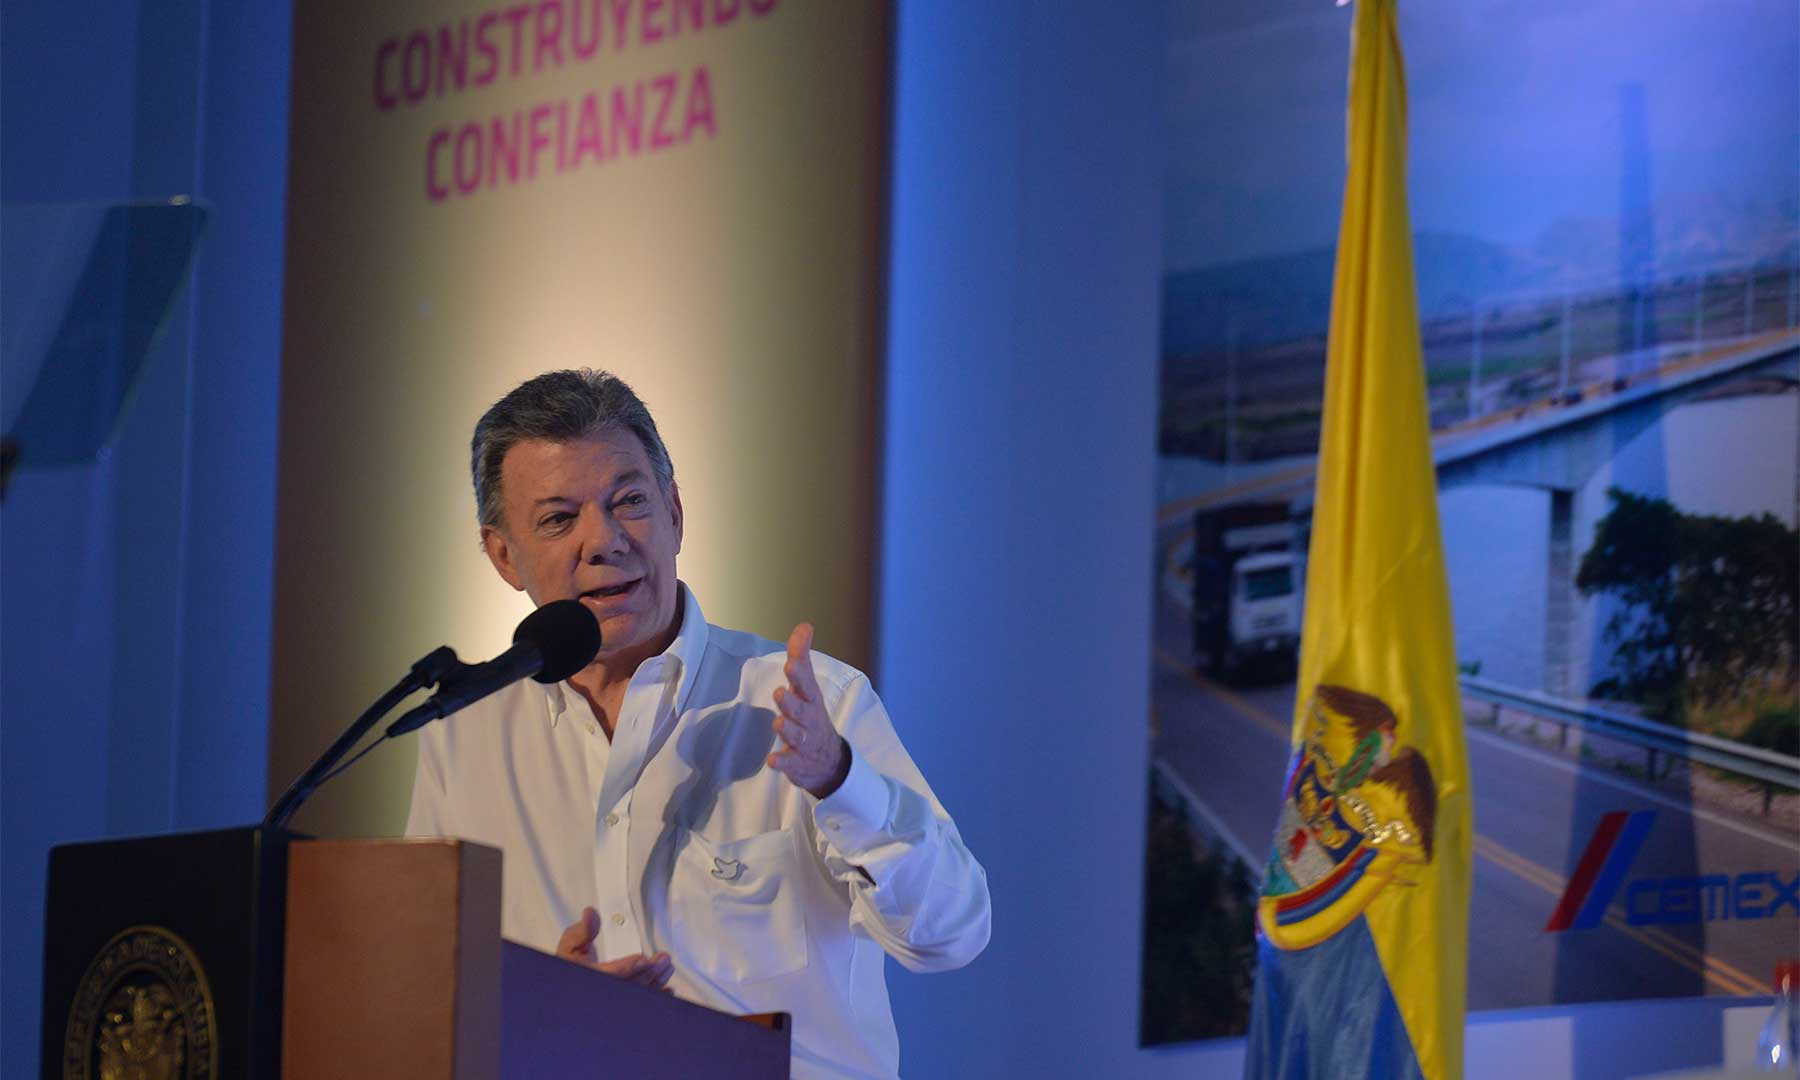 Al intervenir en la clausura del XIII Congreso Nacional de la Infraestructura, este viernes en Cartagena, el Presidente Juan Manuel Santos anunció fuertes medidas adicionales en la lucha contra la corrupción.